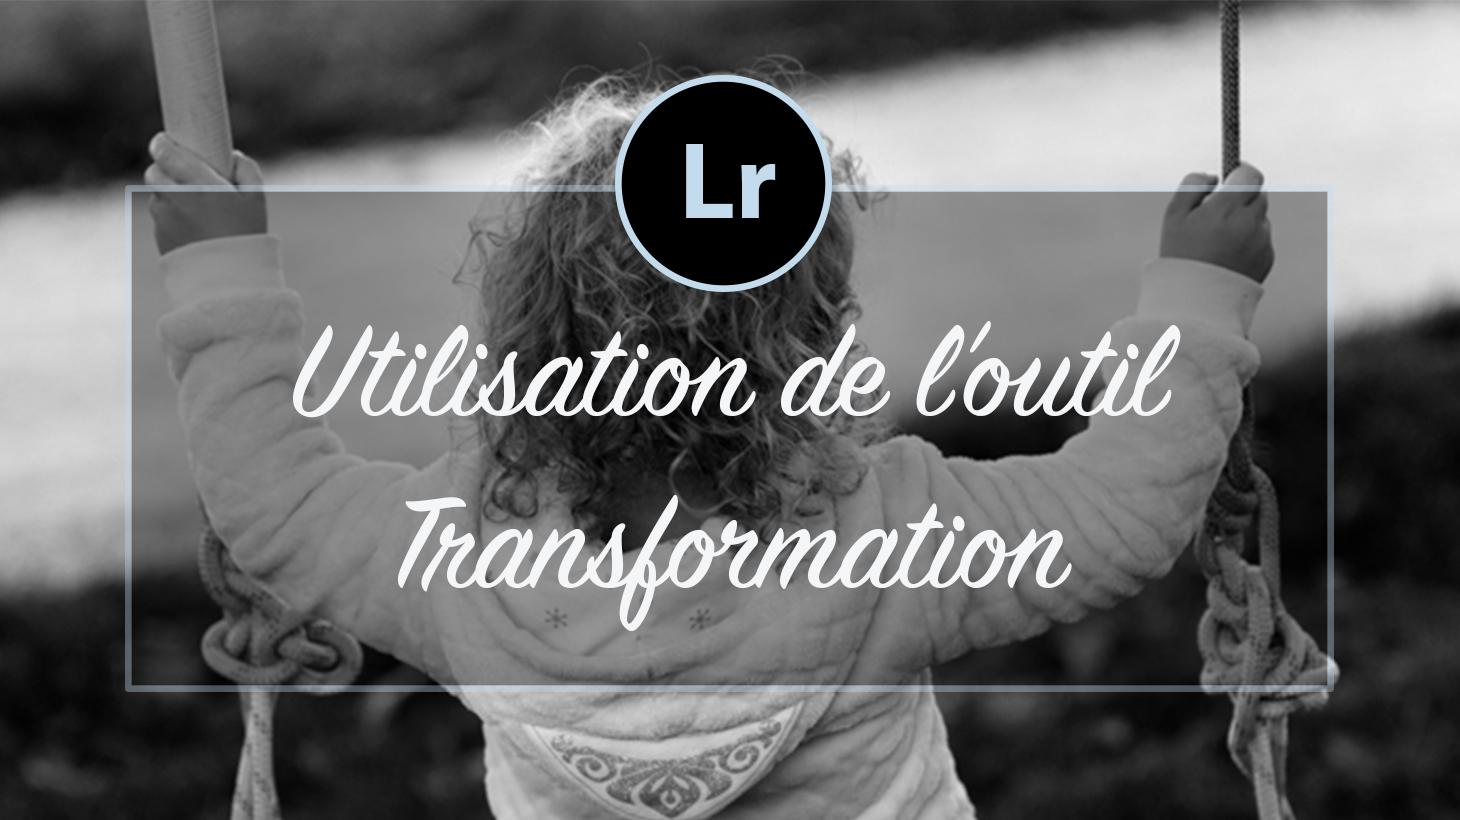 [VIDEO] – Utilisation de l'outil Transformation Lightroom